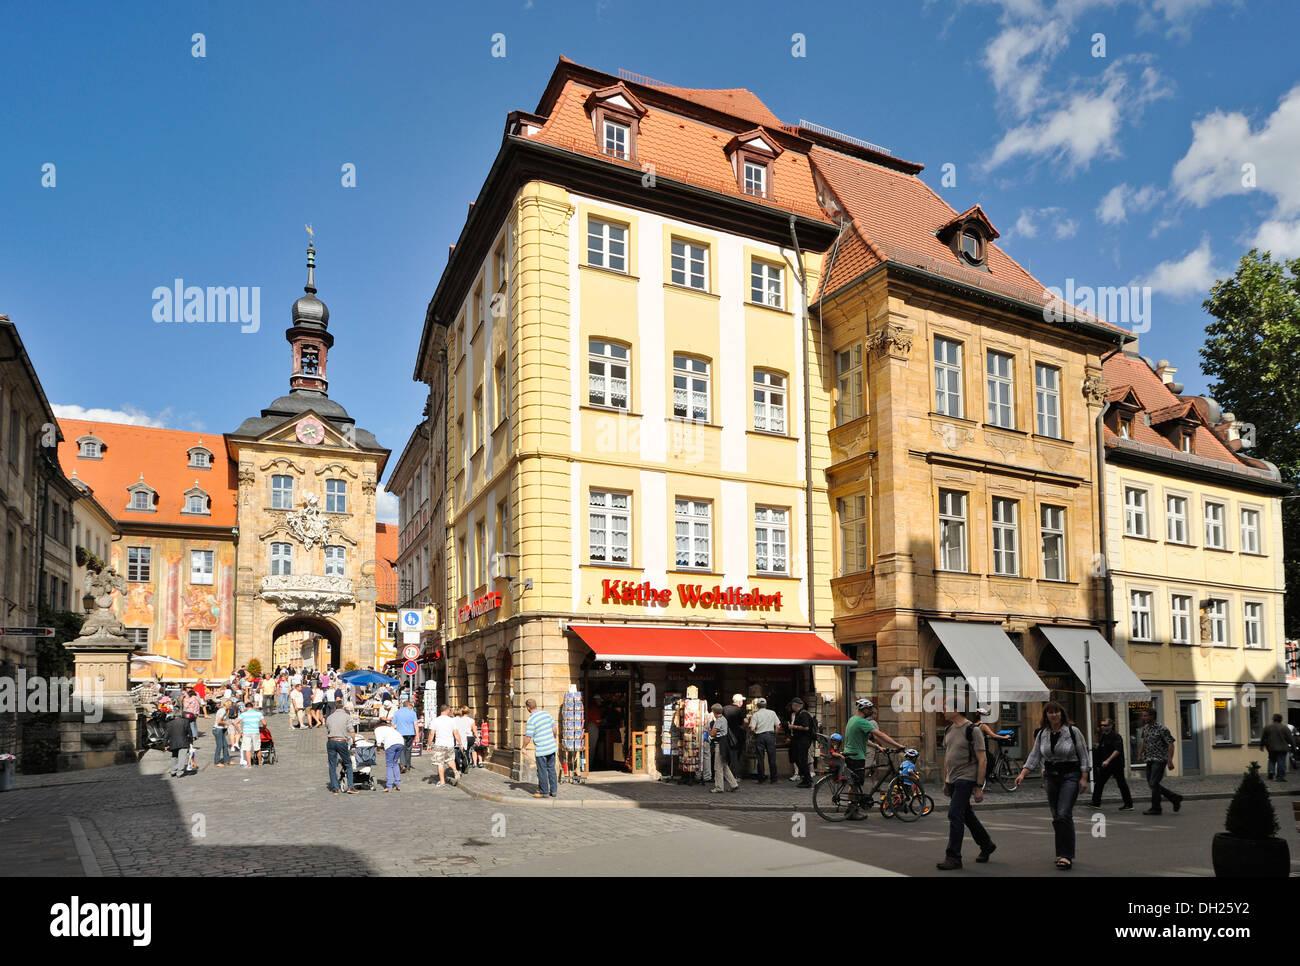 Bamberg Karolinenstr Antiquitäten : Karolinenstrasse stockfotos karolinenstrasse bilder alamy